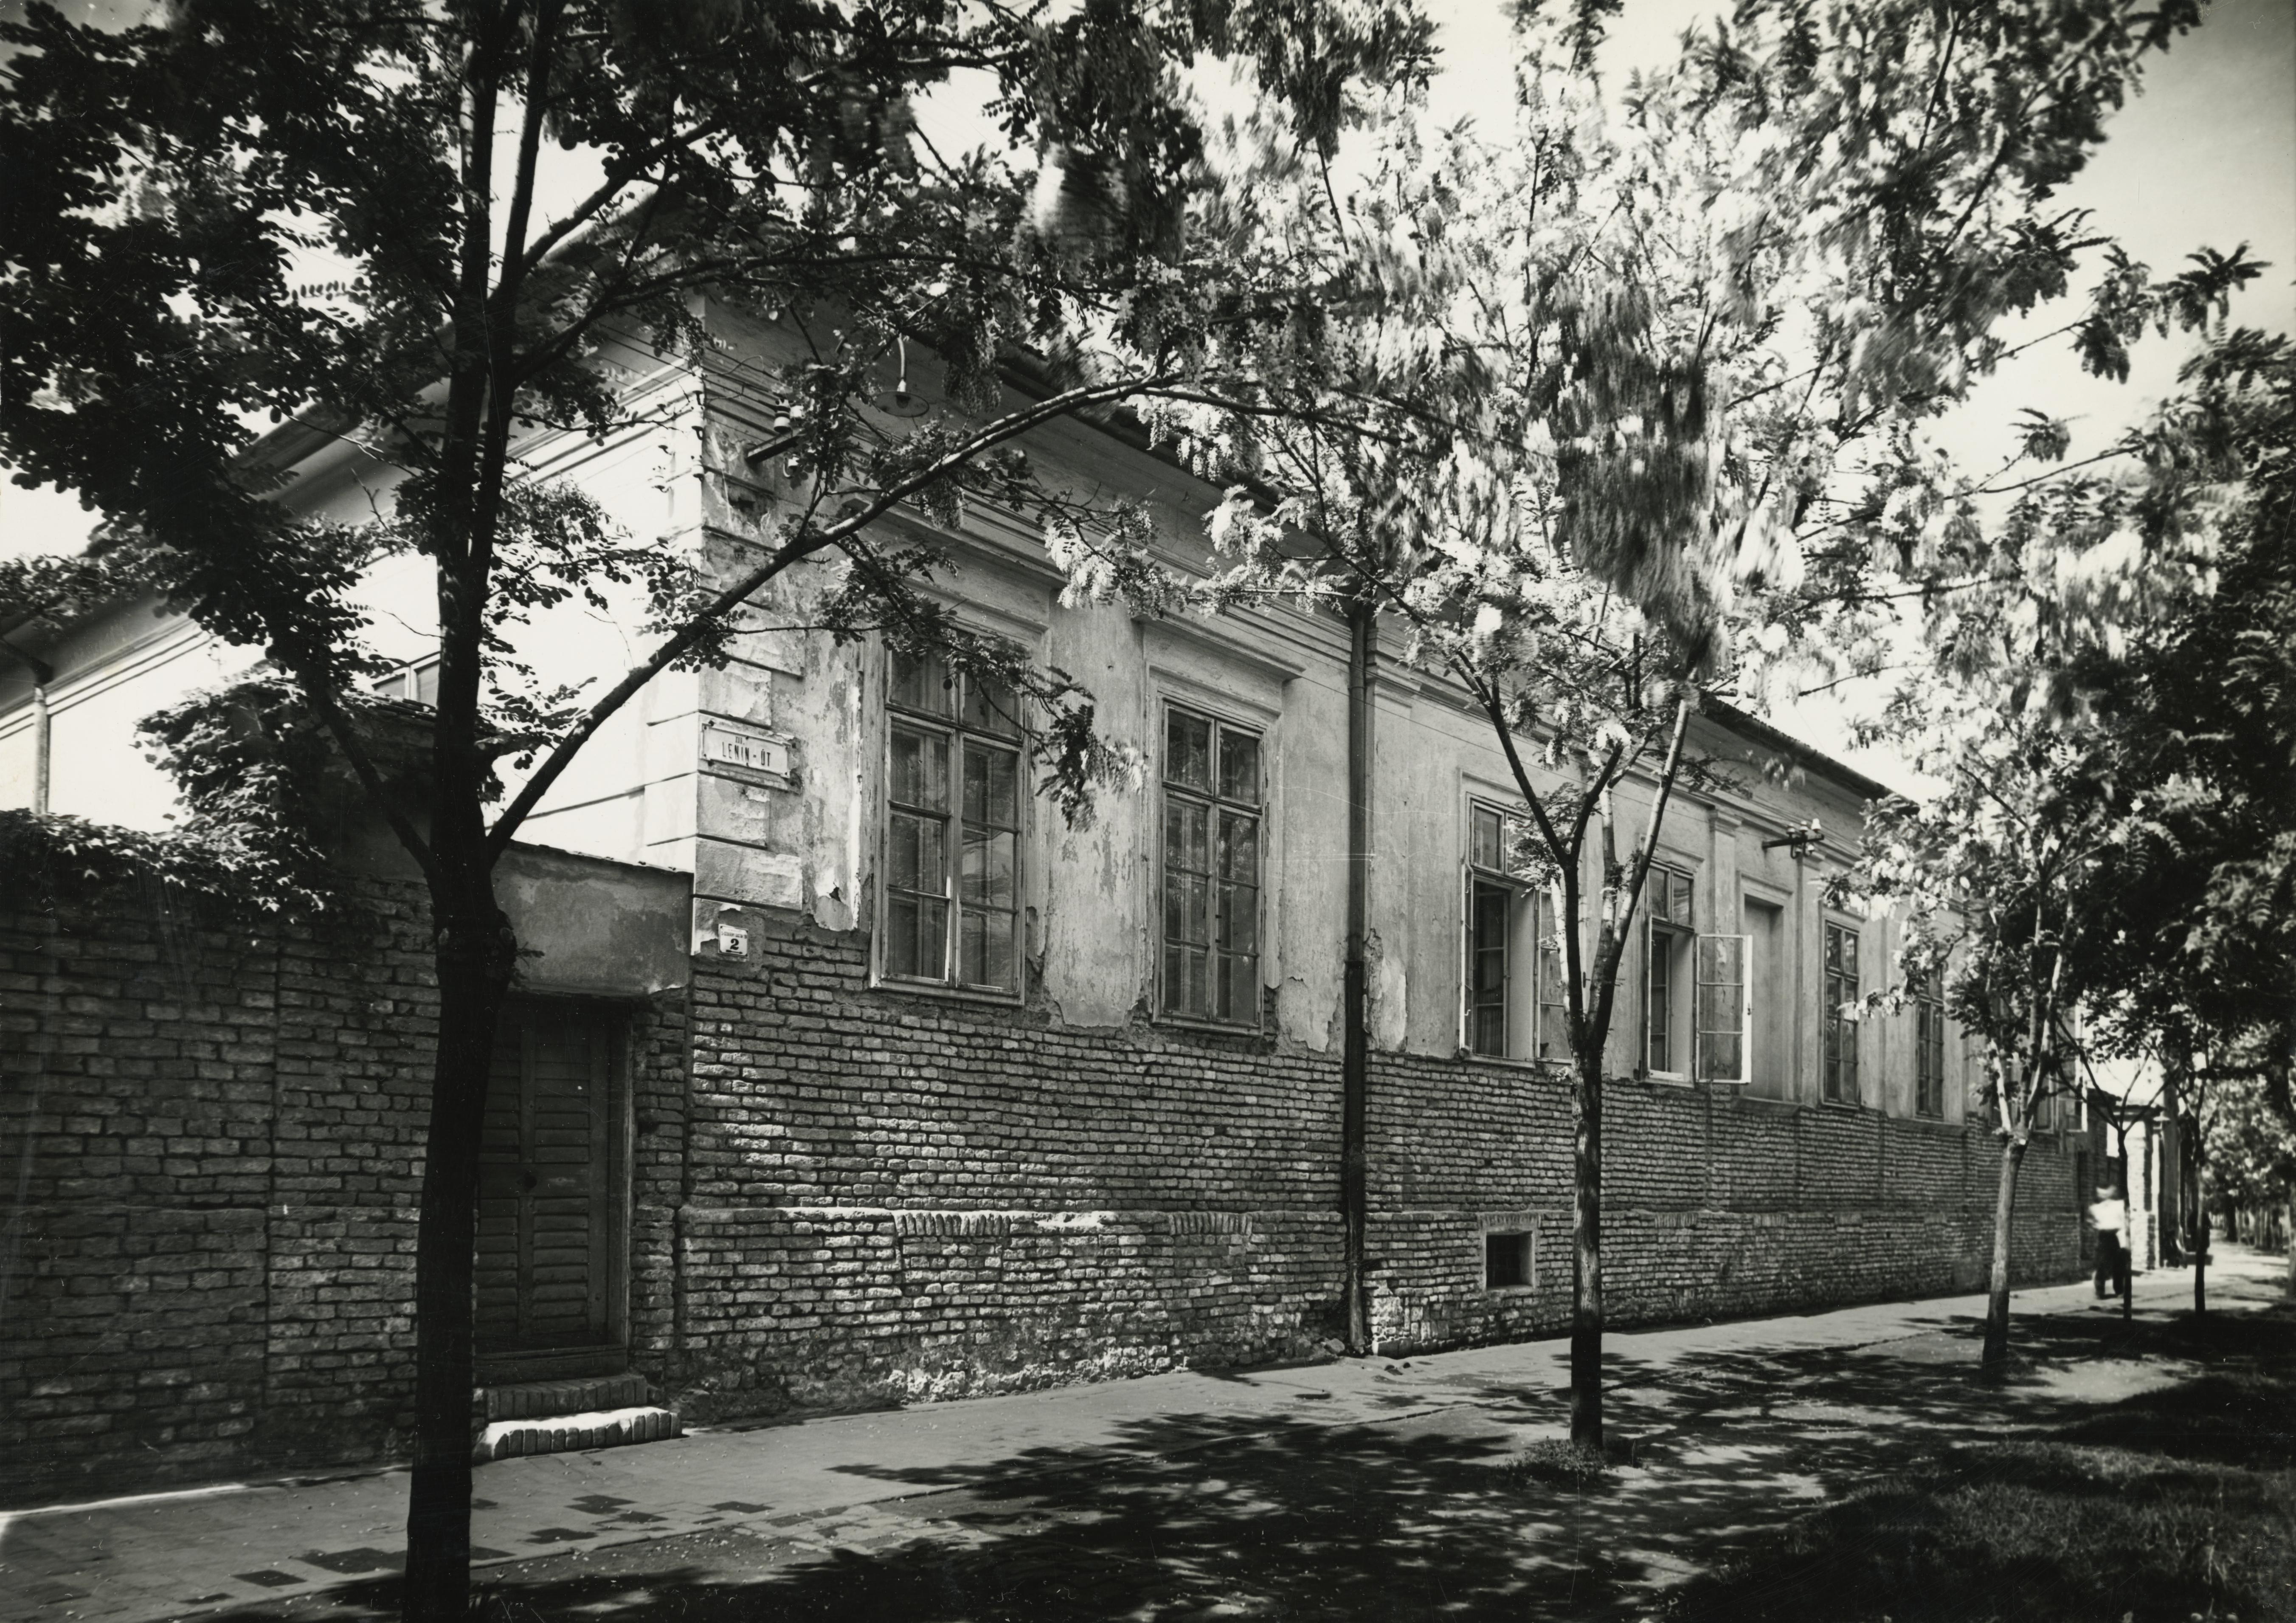 A békéscsabai Baross utca 2. szám alatti lakóház